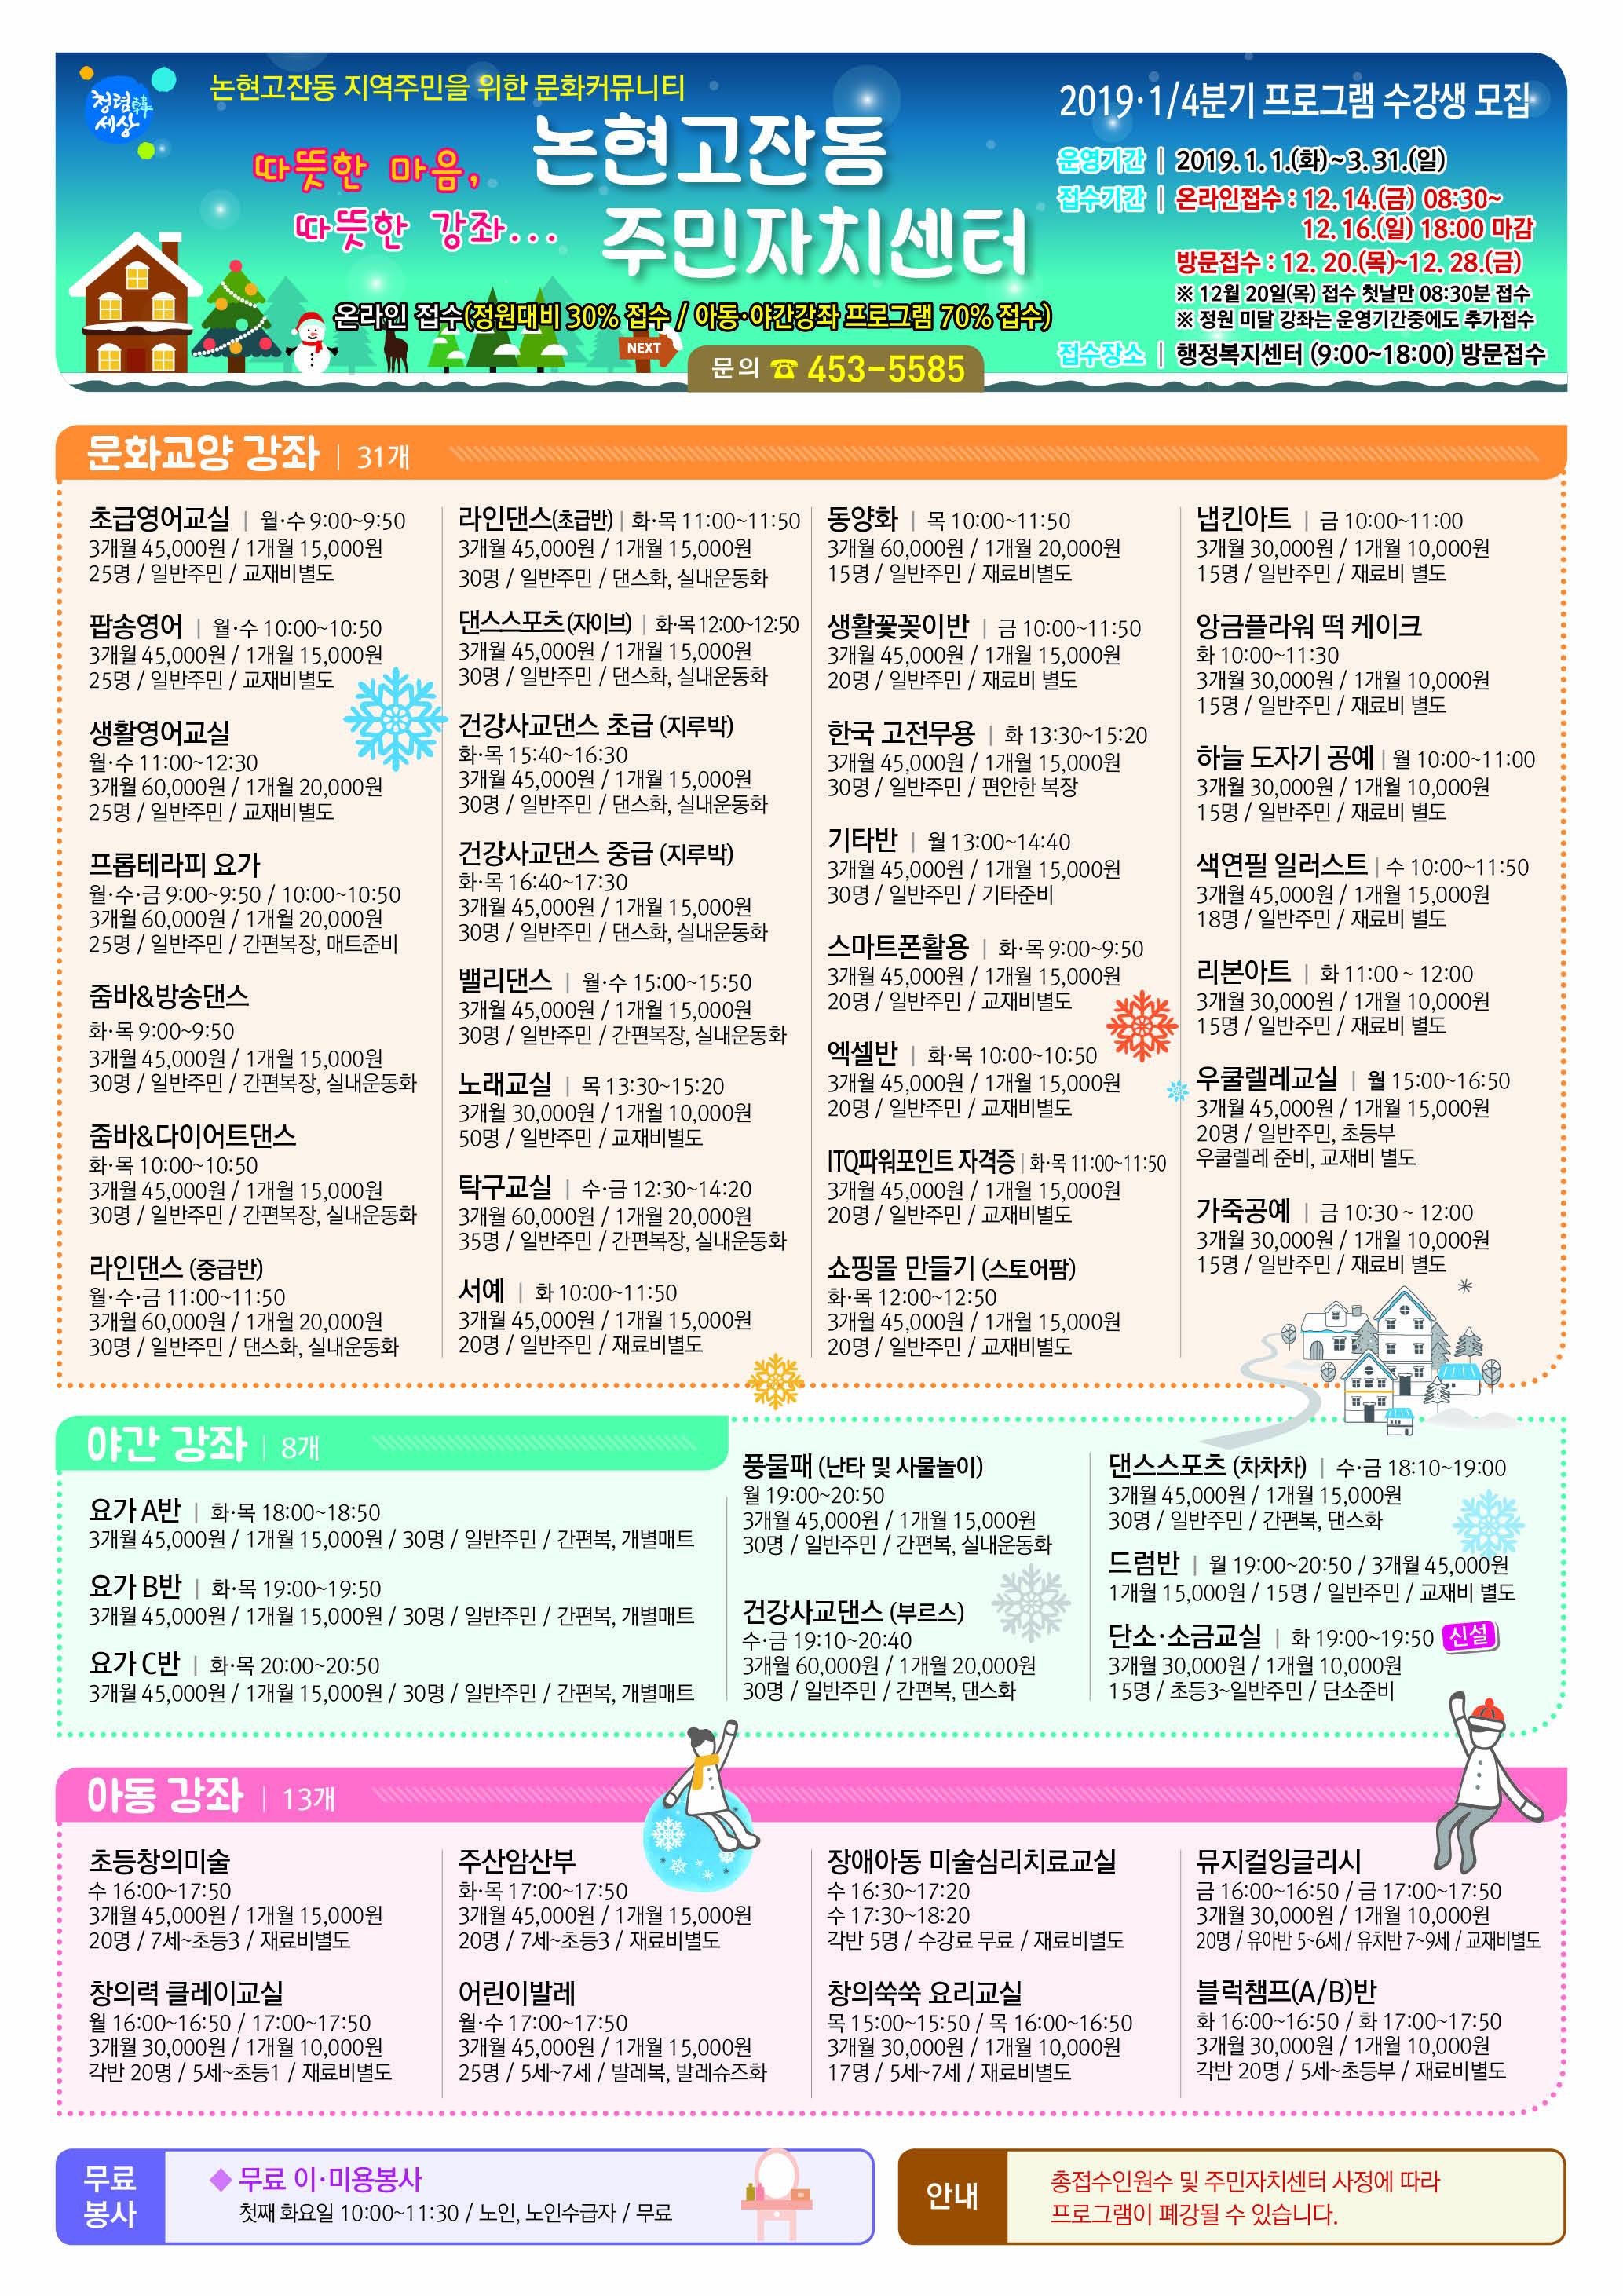 논현고잔동 주민자치센터 프로그램 및 수강생 모